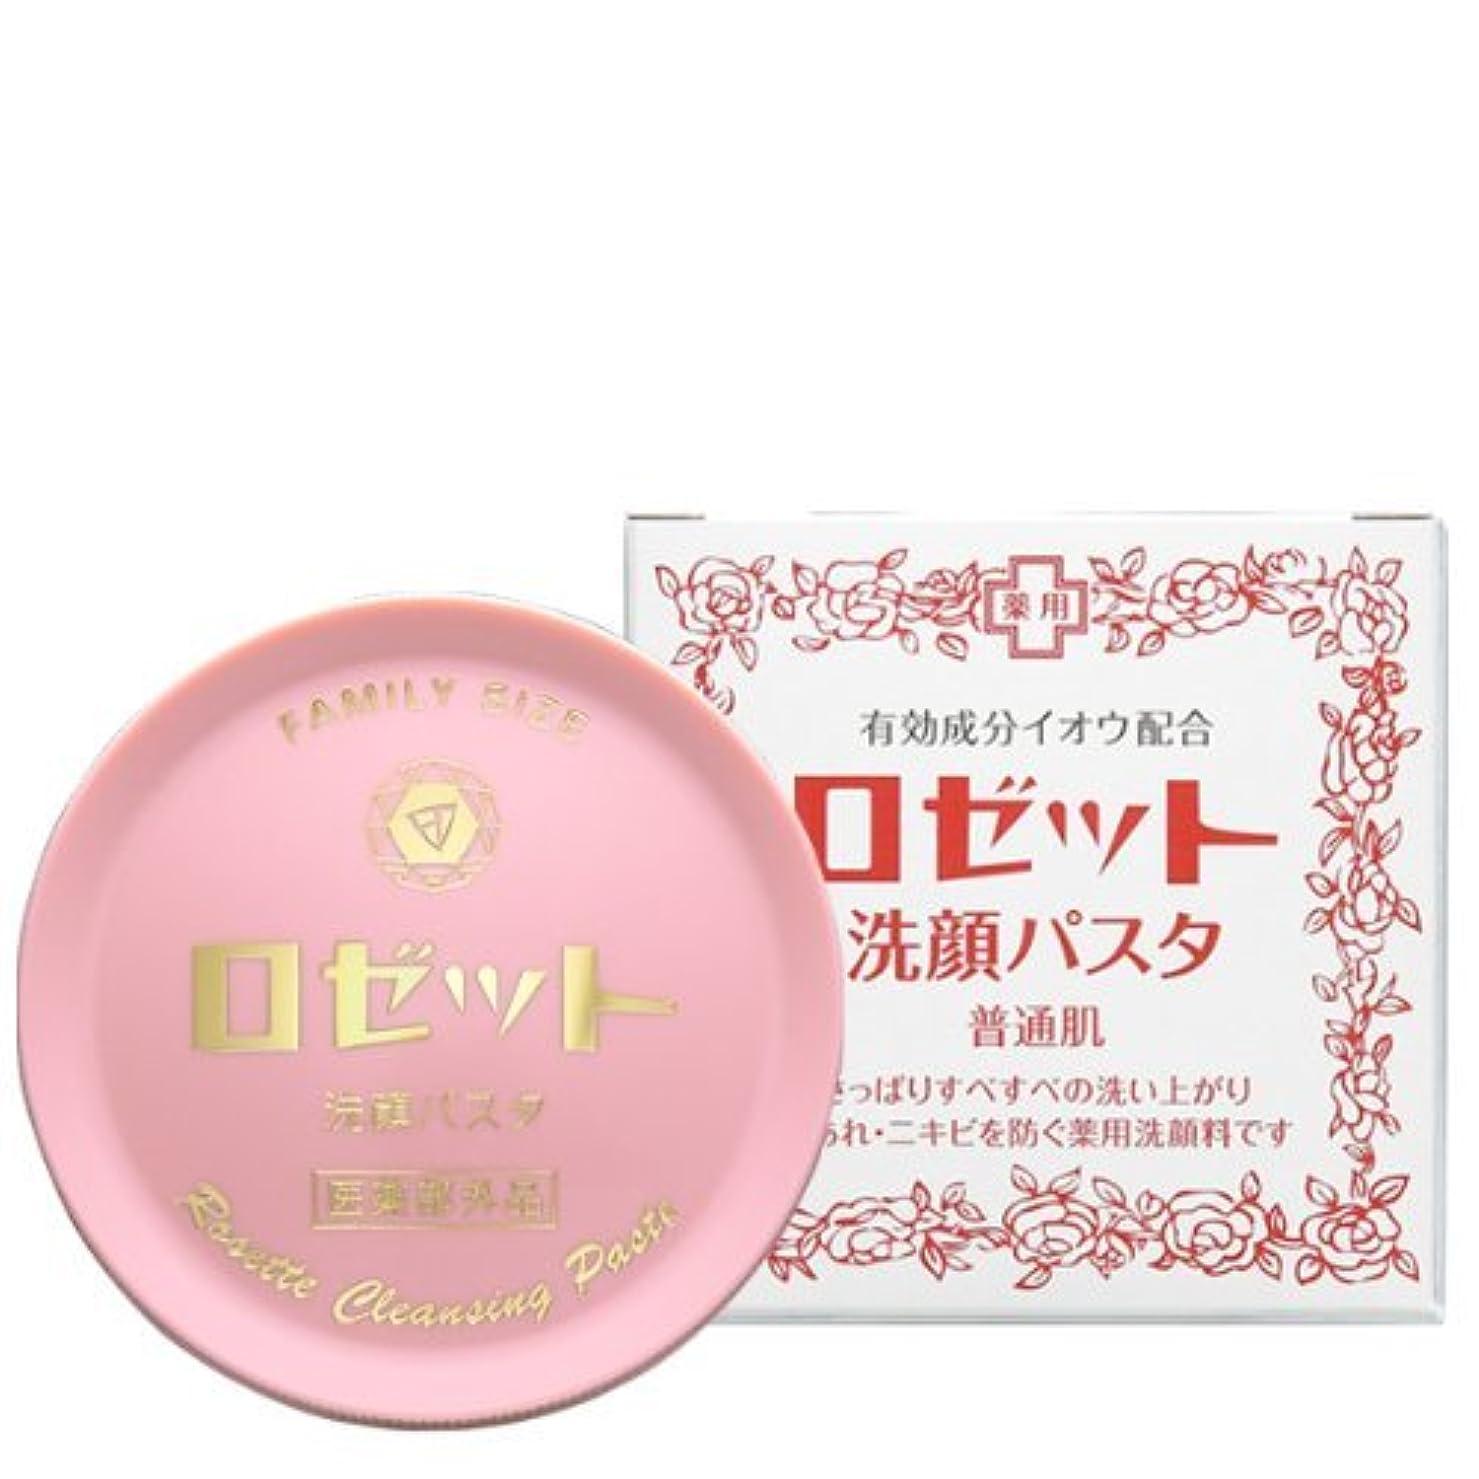 地平線余裕があるカニロゼット 洗顔パスタ 普通肌 90g (医薬部外品)